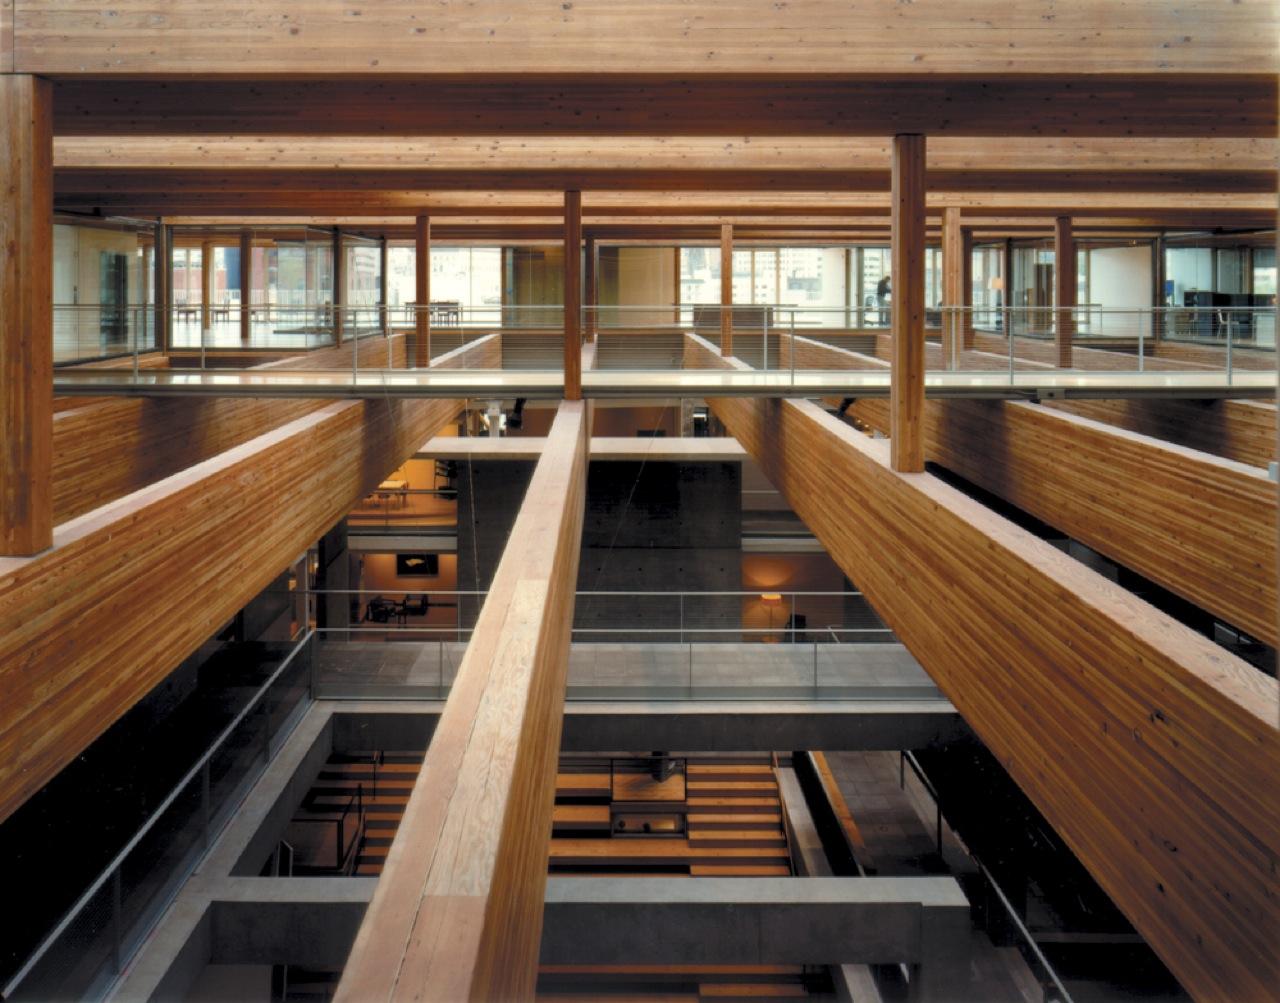 Wieden+Kennedy Headquarters / Allied Works Architecture, Courtesy of  allied works architecture